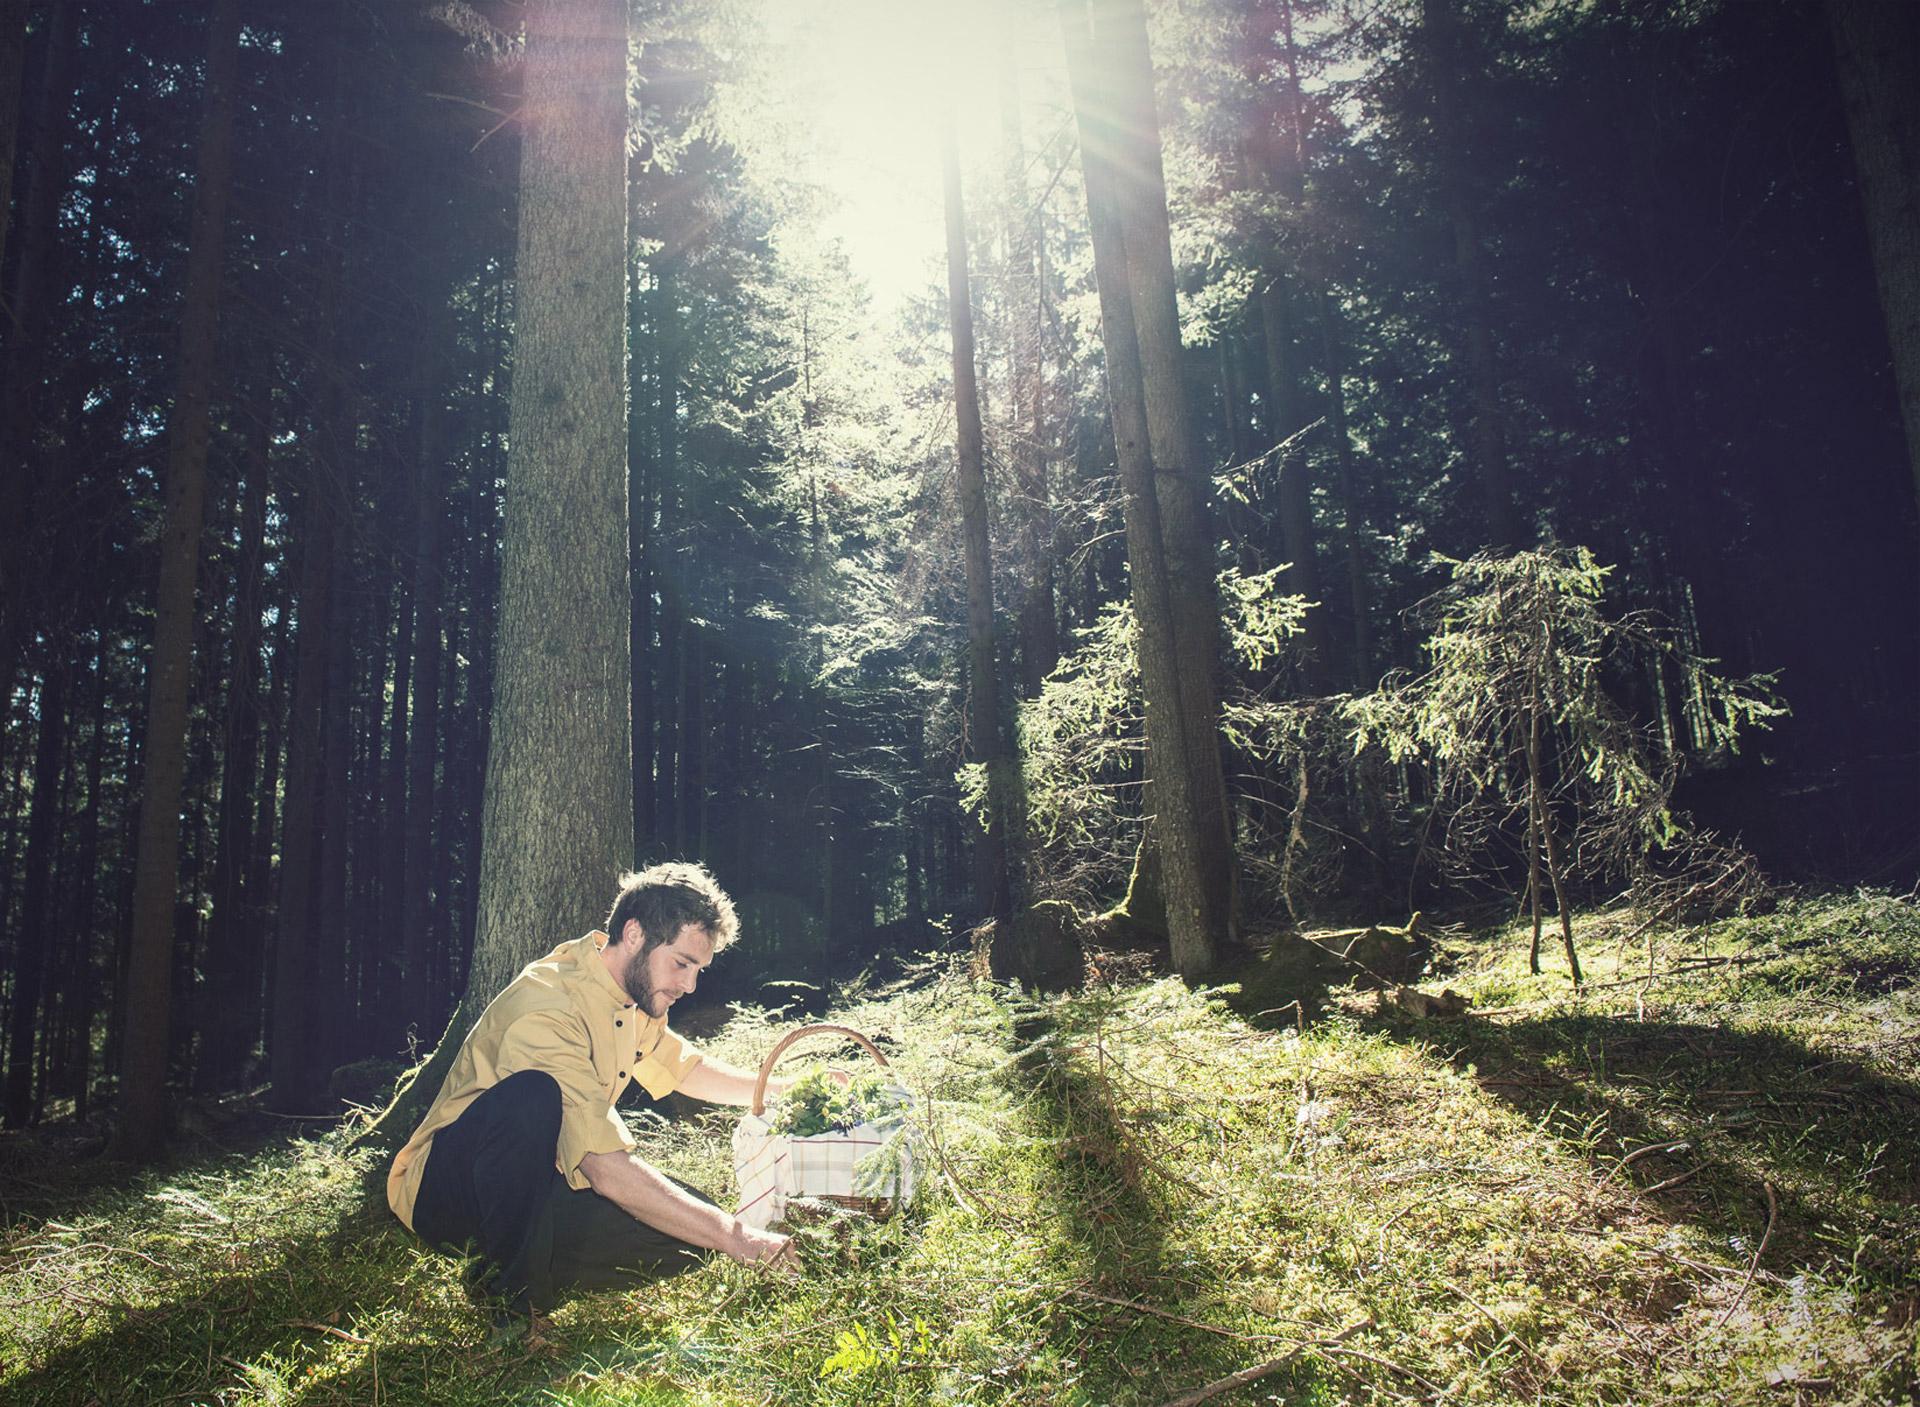 Kräuter sammeln im Wald